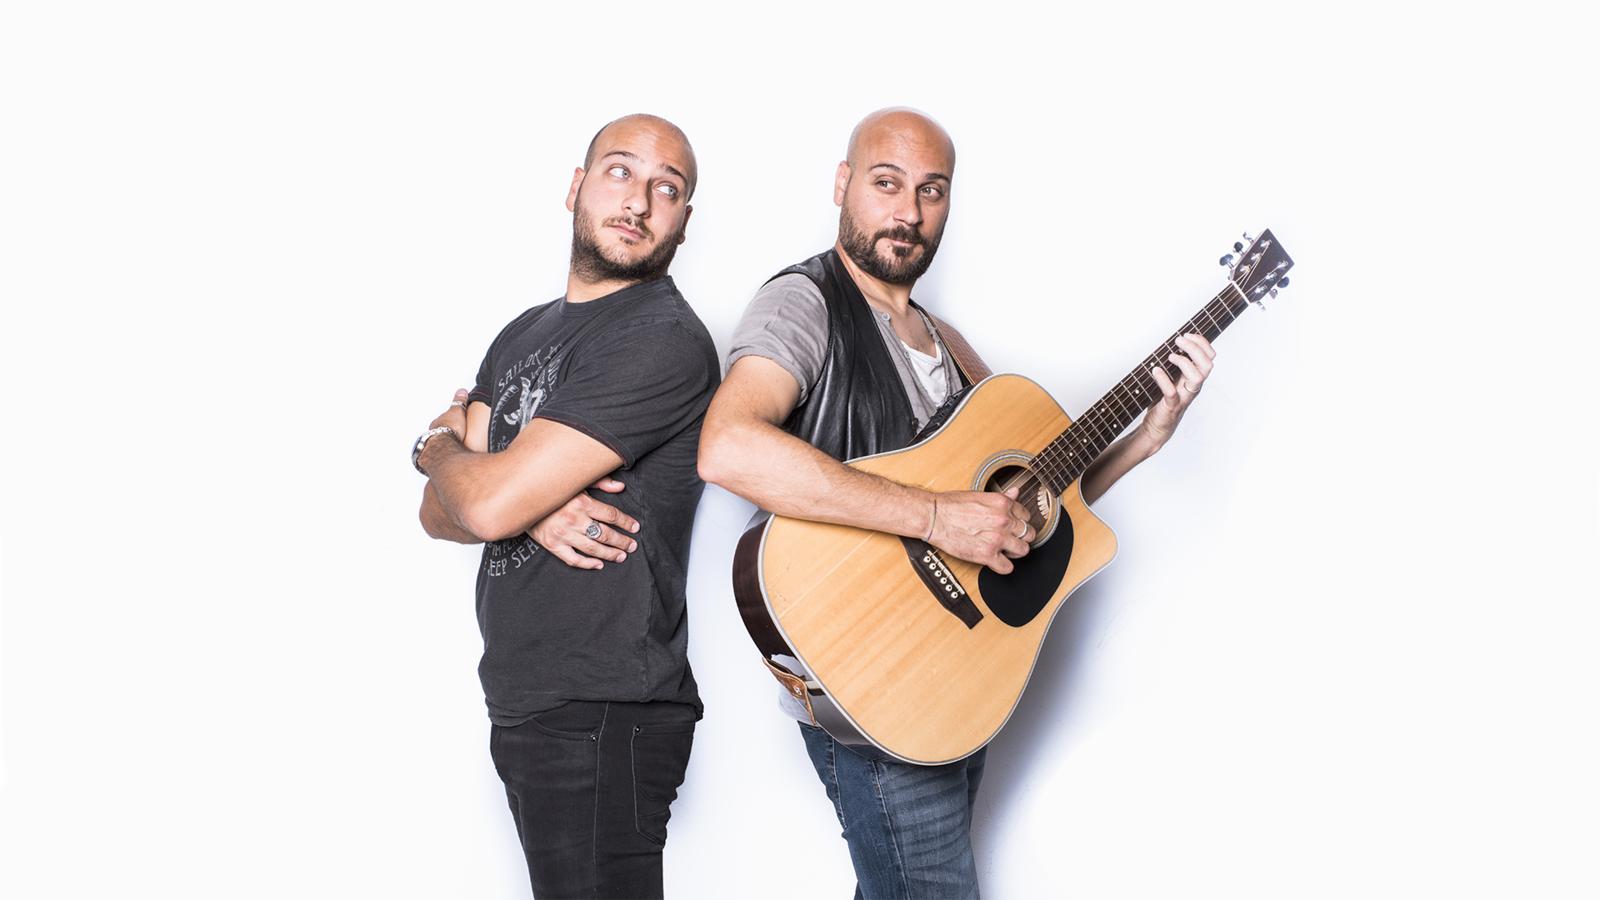 Un'emozione dobbiamo subito trasformarla in canzone - Intervista al duo Taverna Umberto I